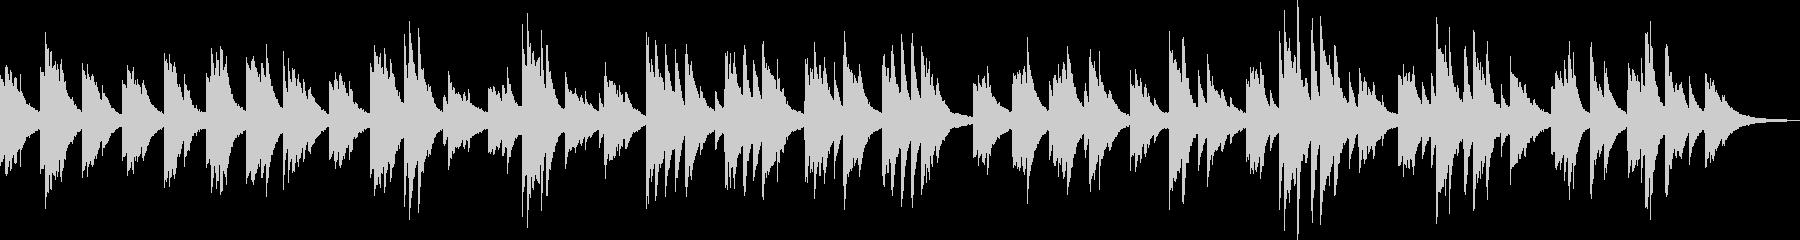 そっと吹き抜ける風(ピアノ、爽やか)の未再生の波形